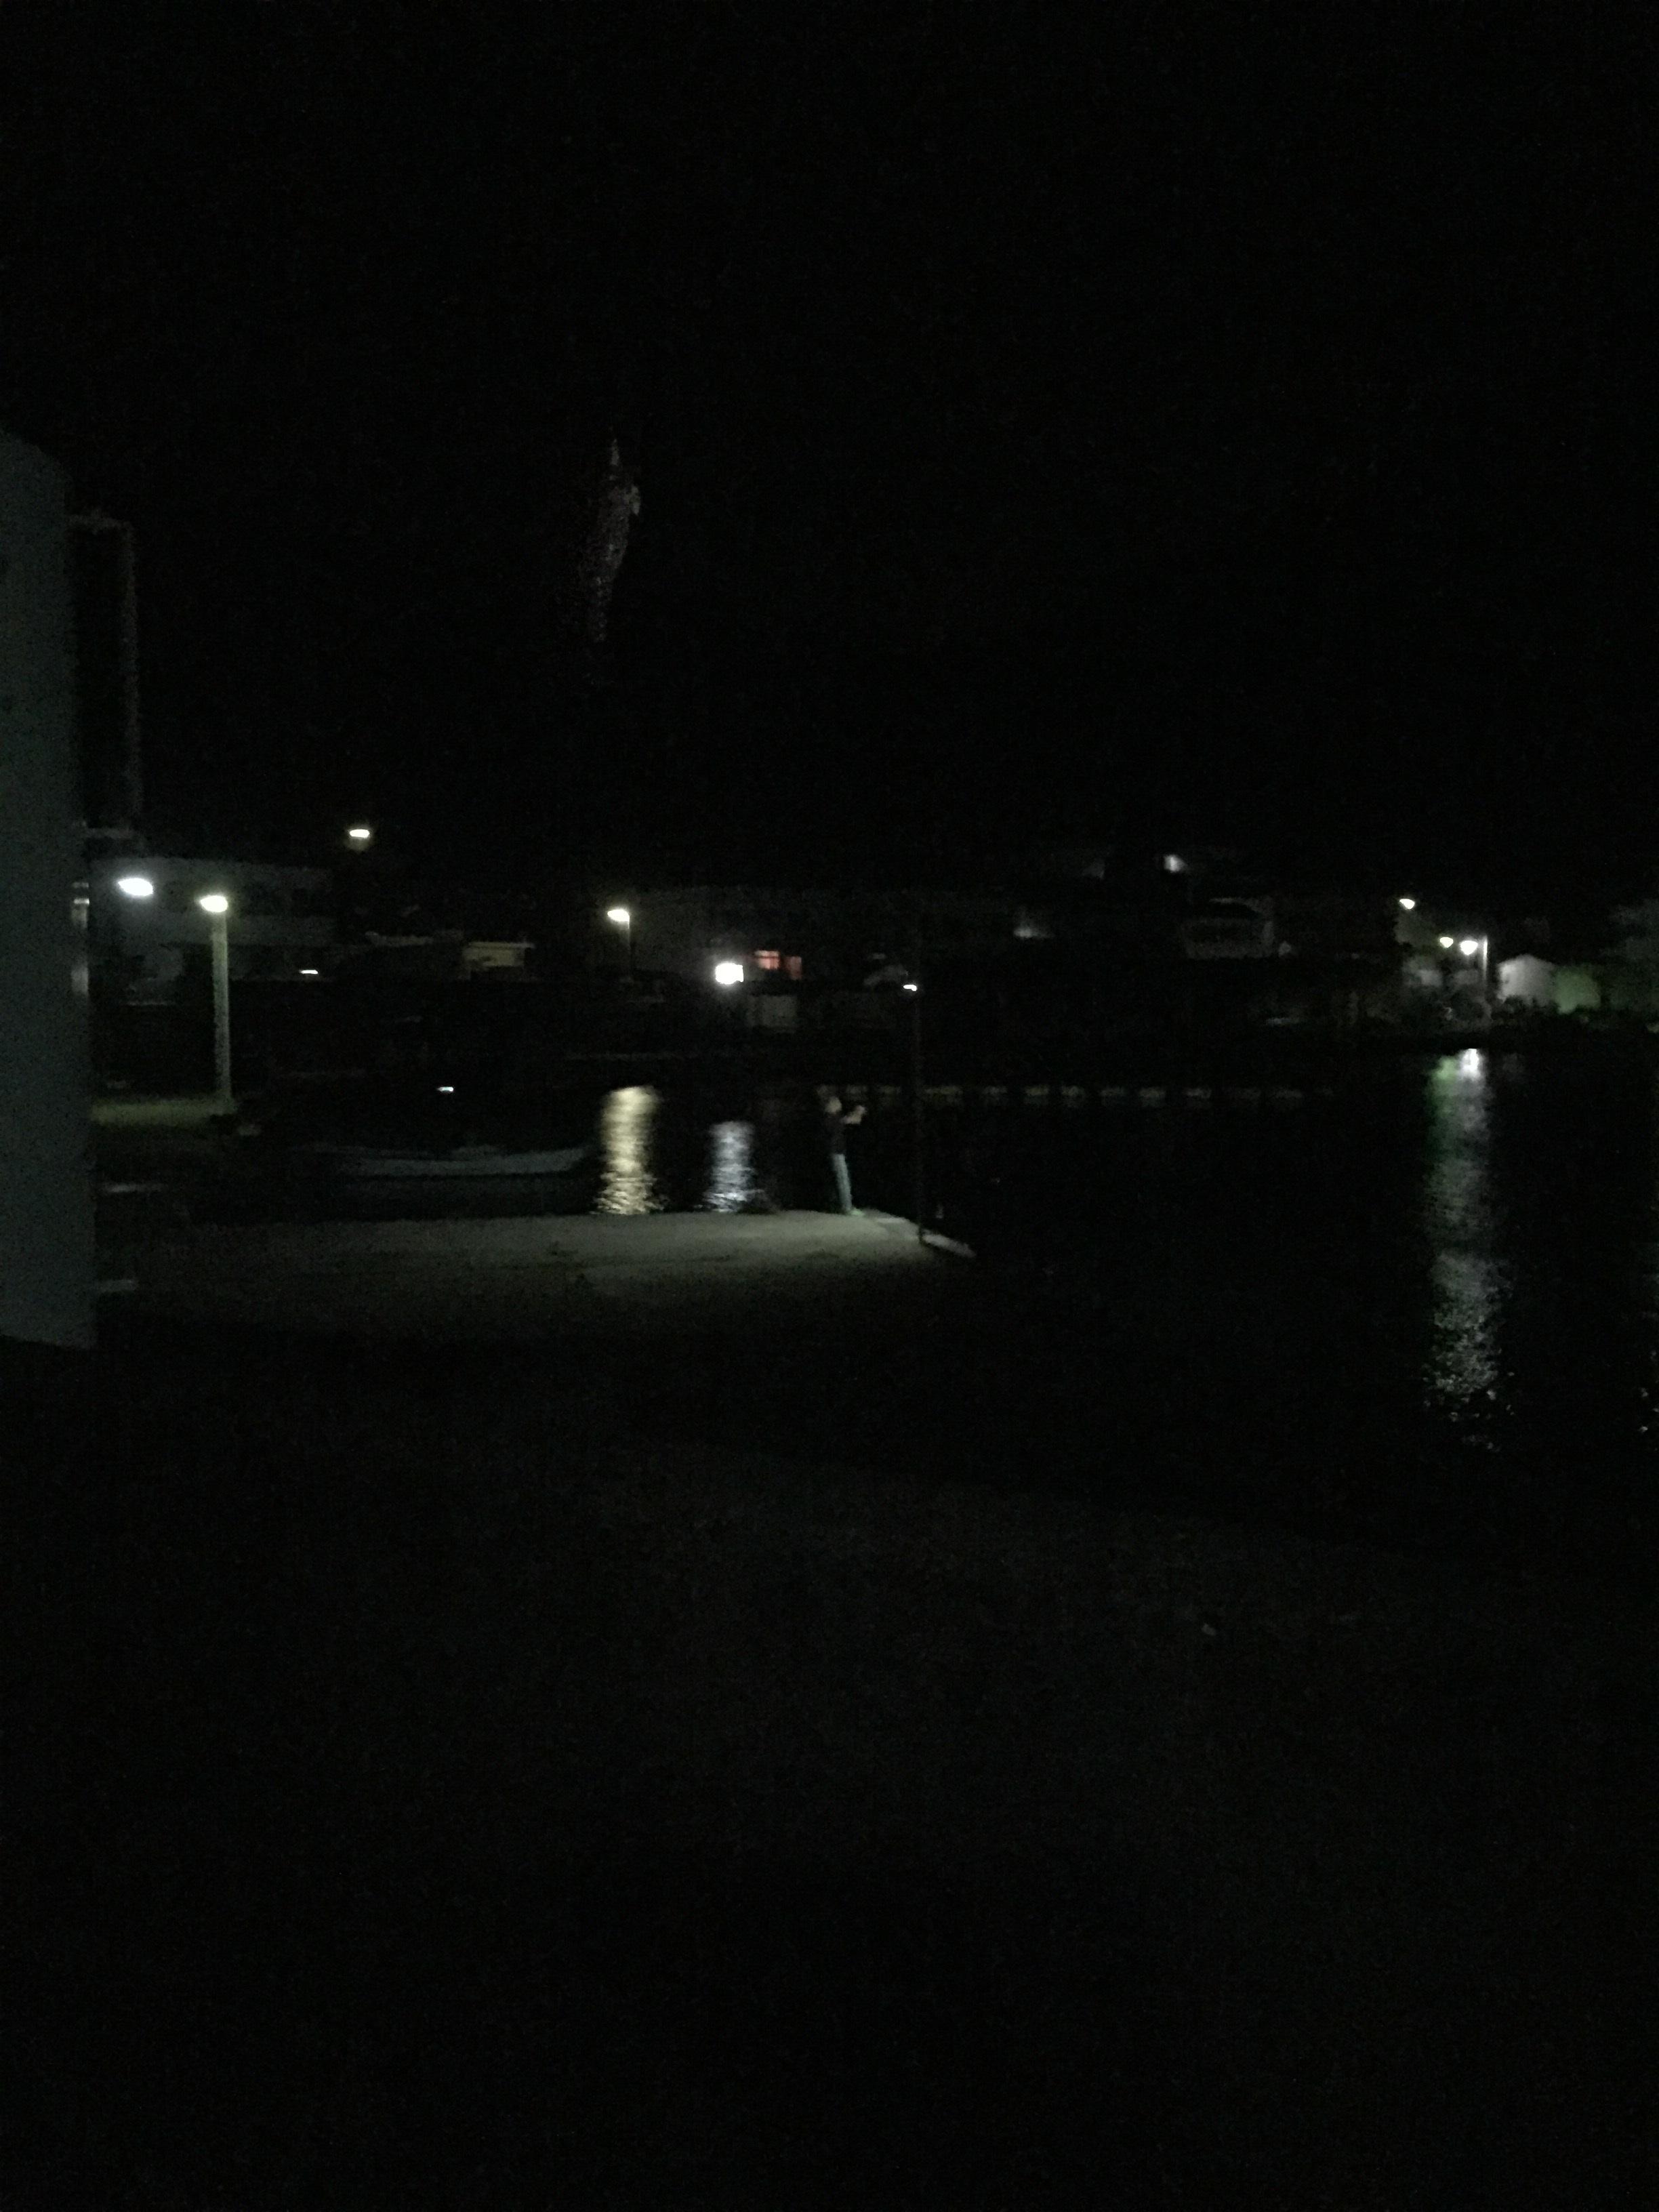 戸津井漁港の釣り場紹介、和歌山中紀の常夜灯があるナイトエギングとアジングにオススメの漁港